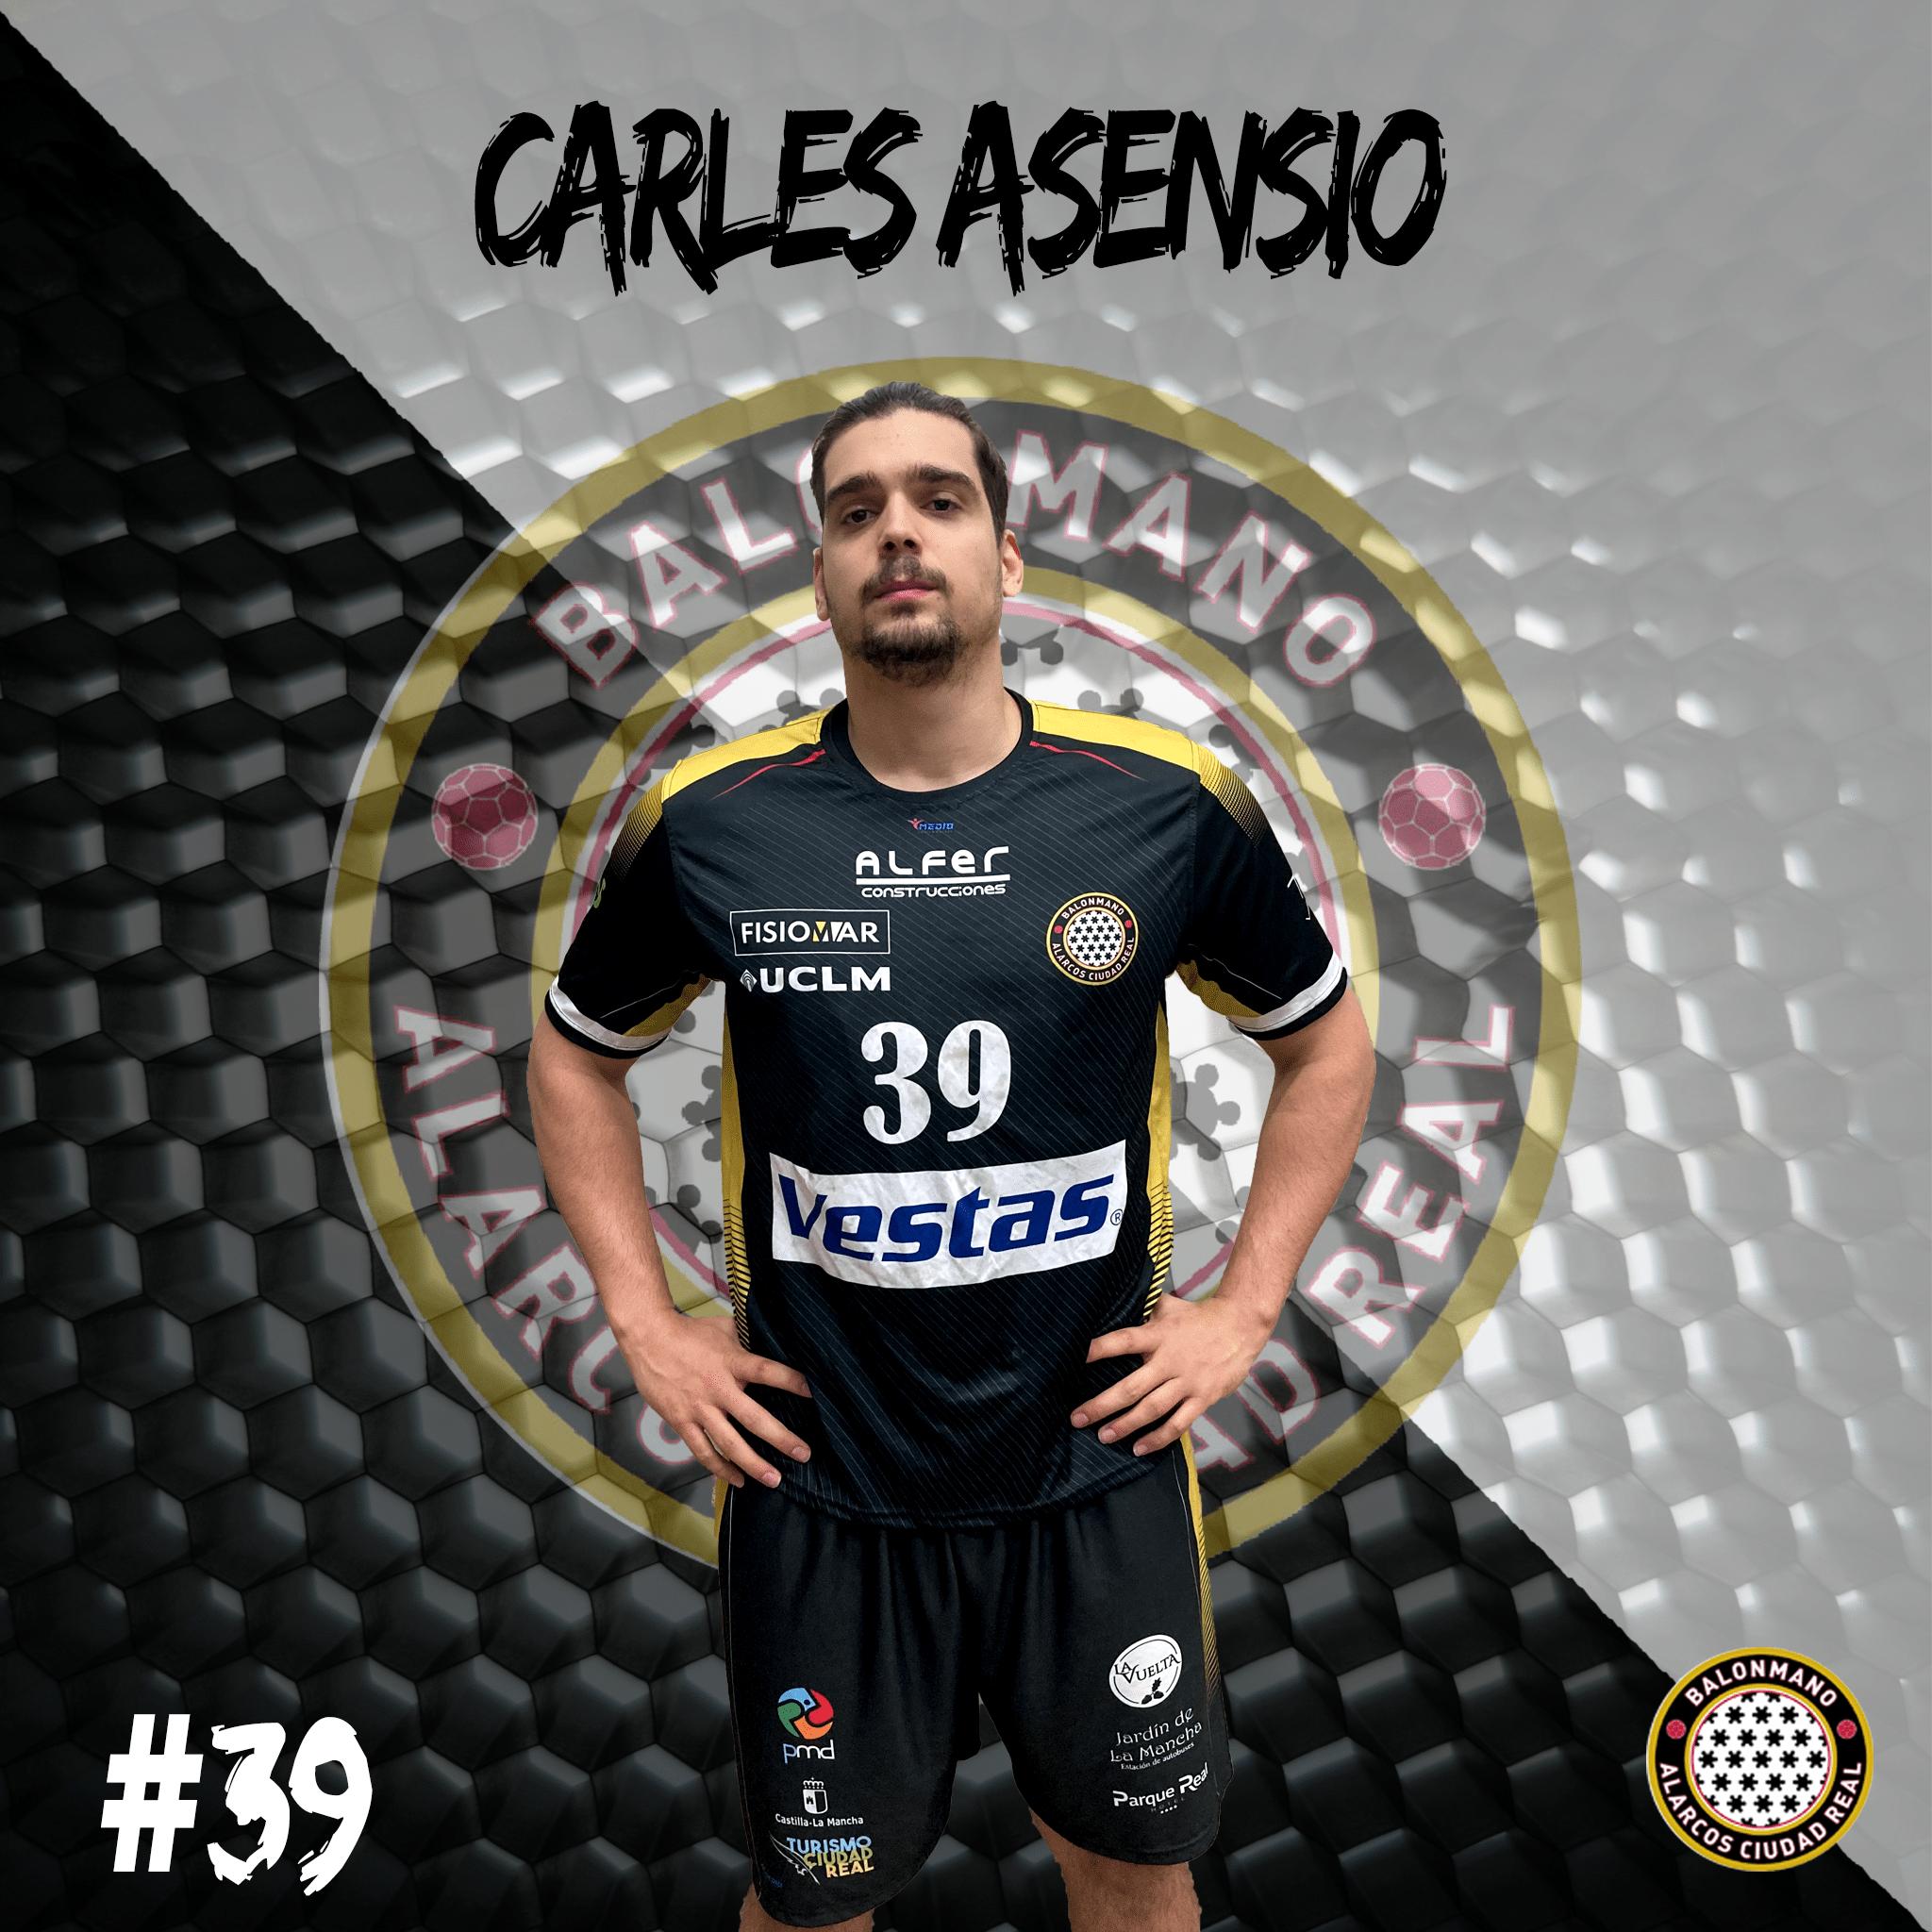 39. CARLES ASENSIO